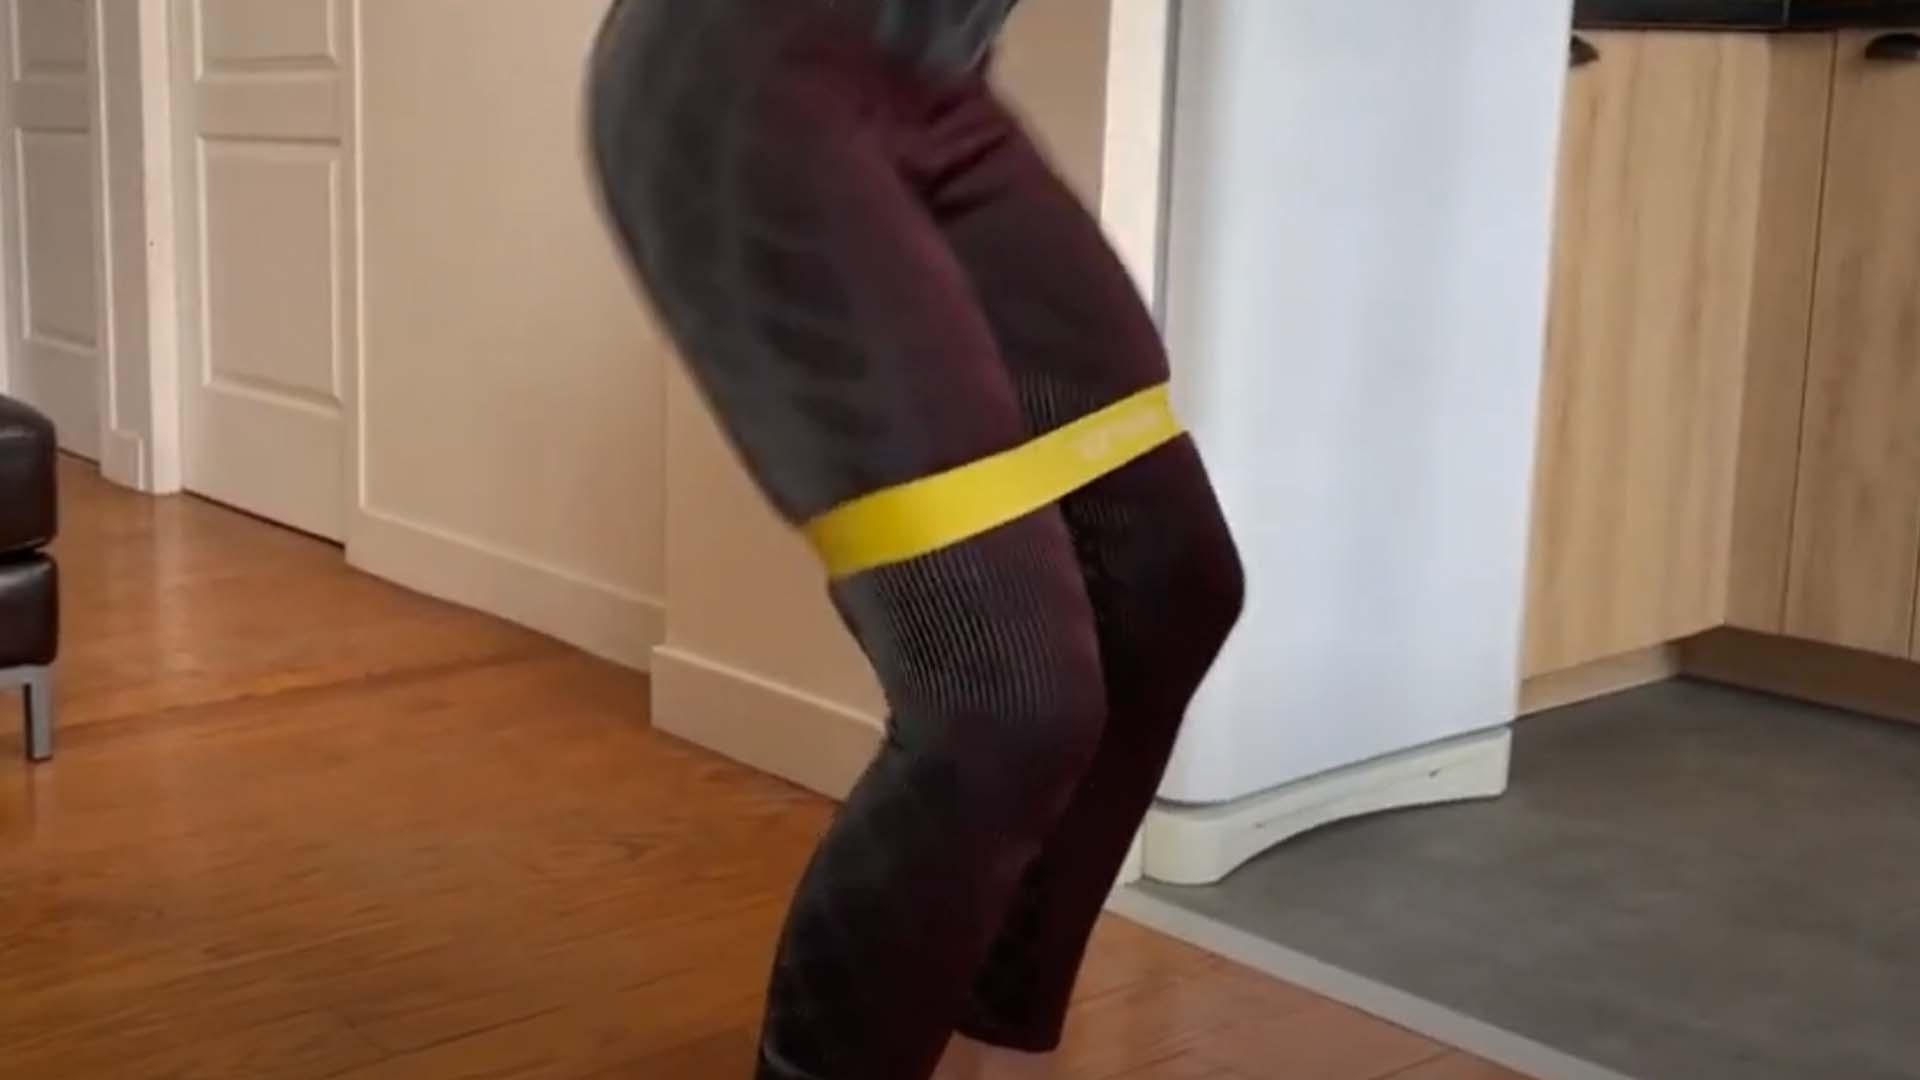 Femme réalisant des squat avec un booty band jaune